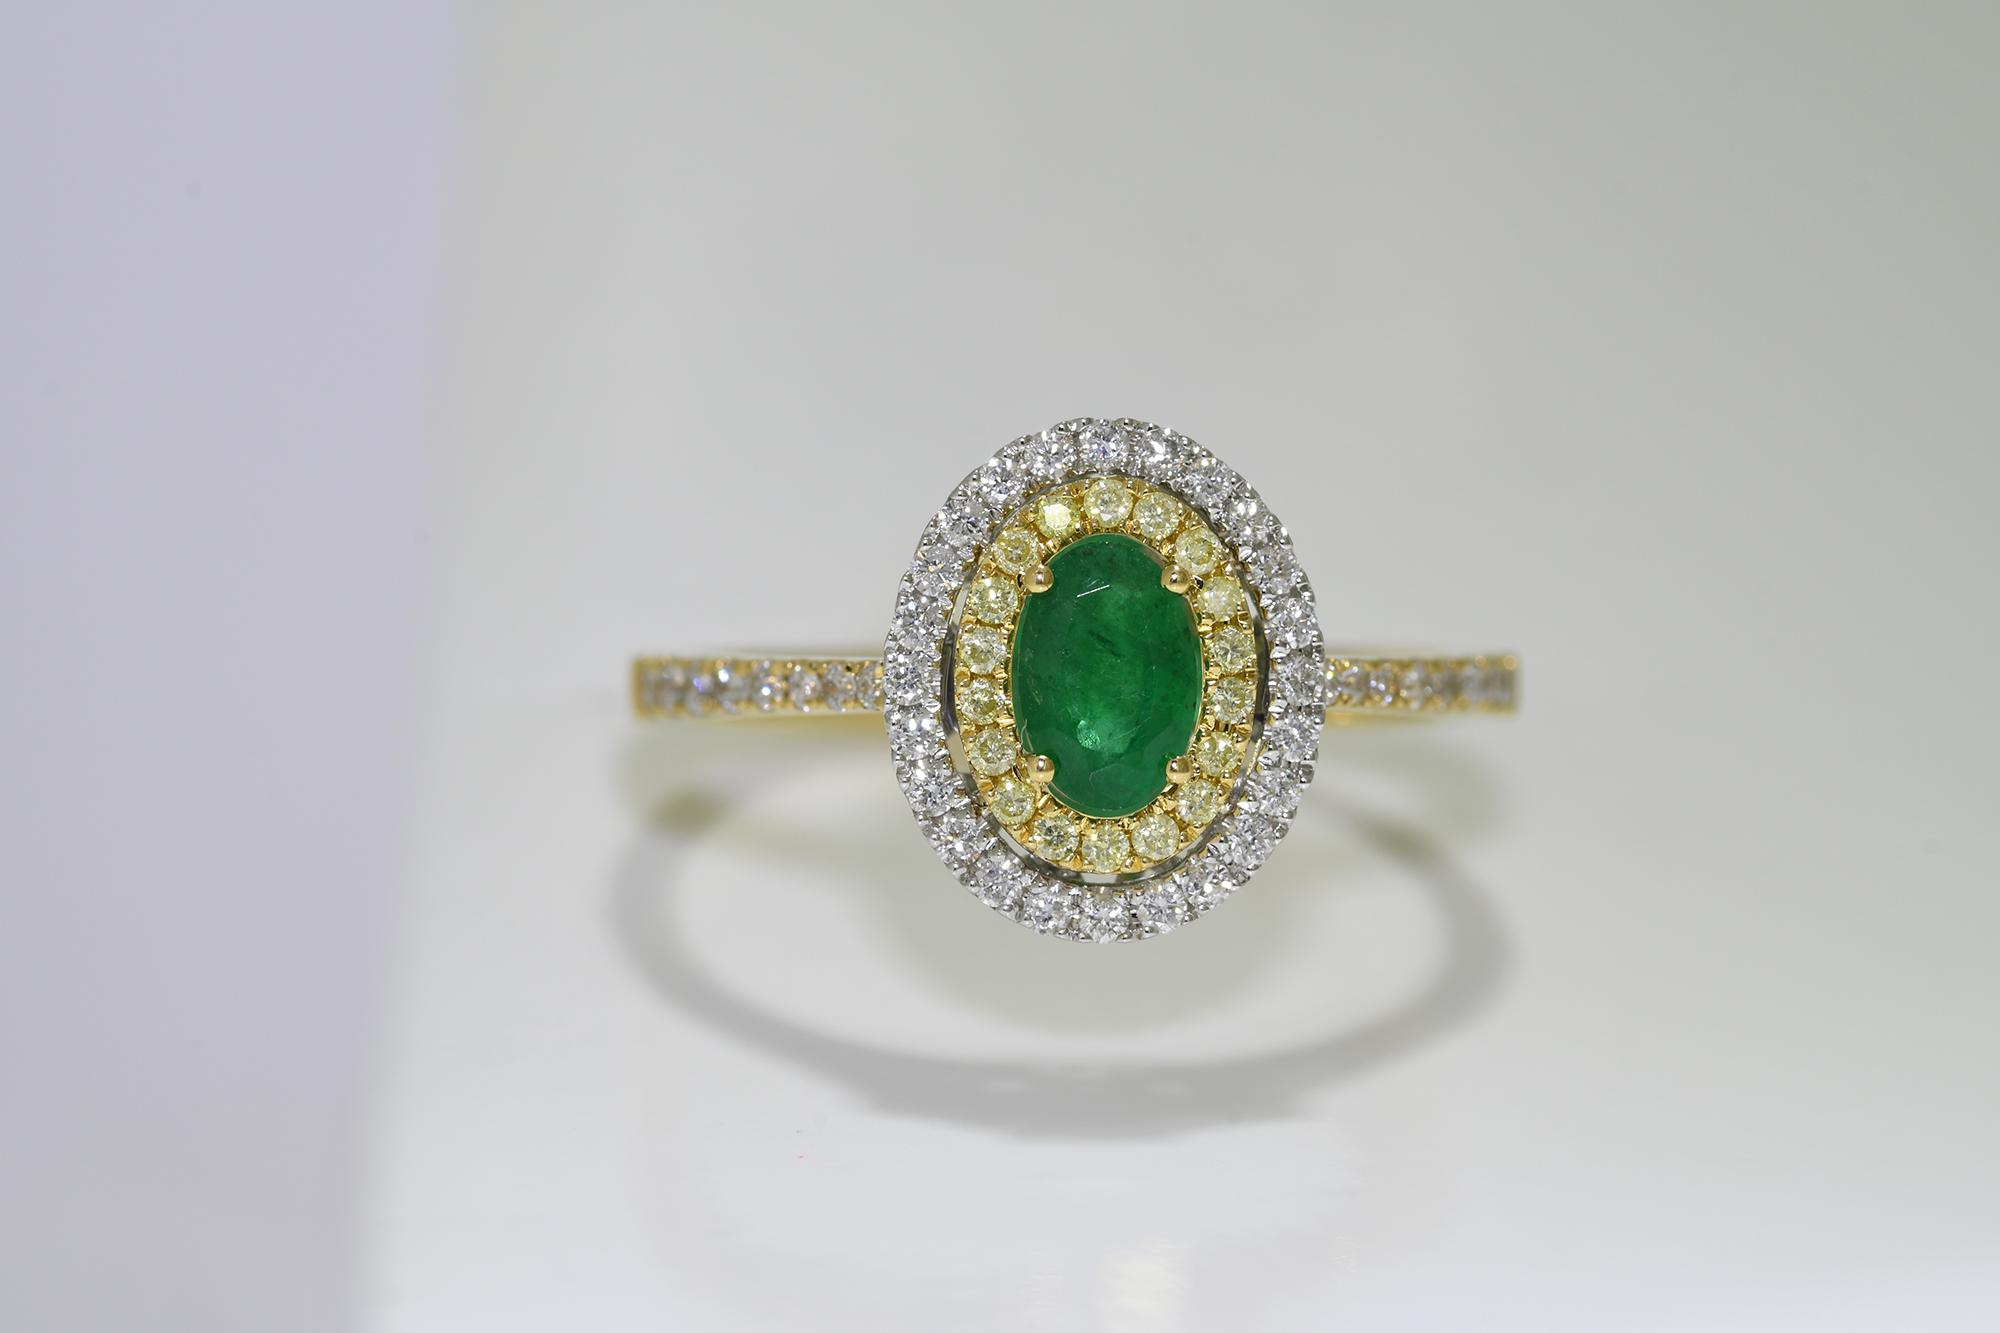 Emerald, Yellow & White Diamond Ring - Image 3 of 3